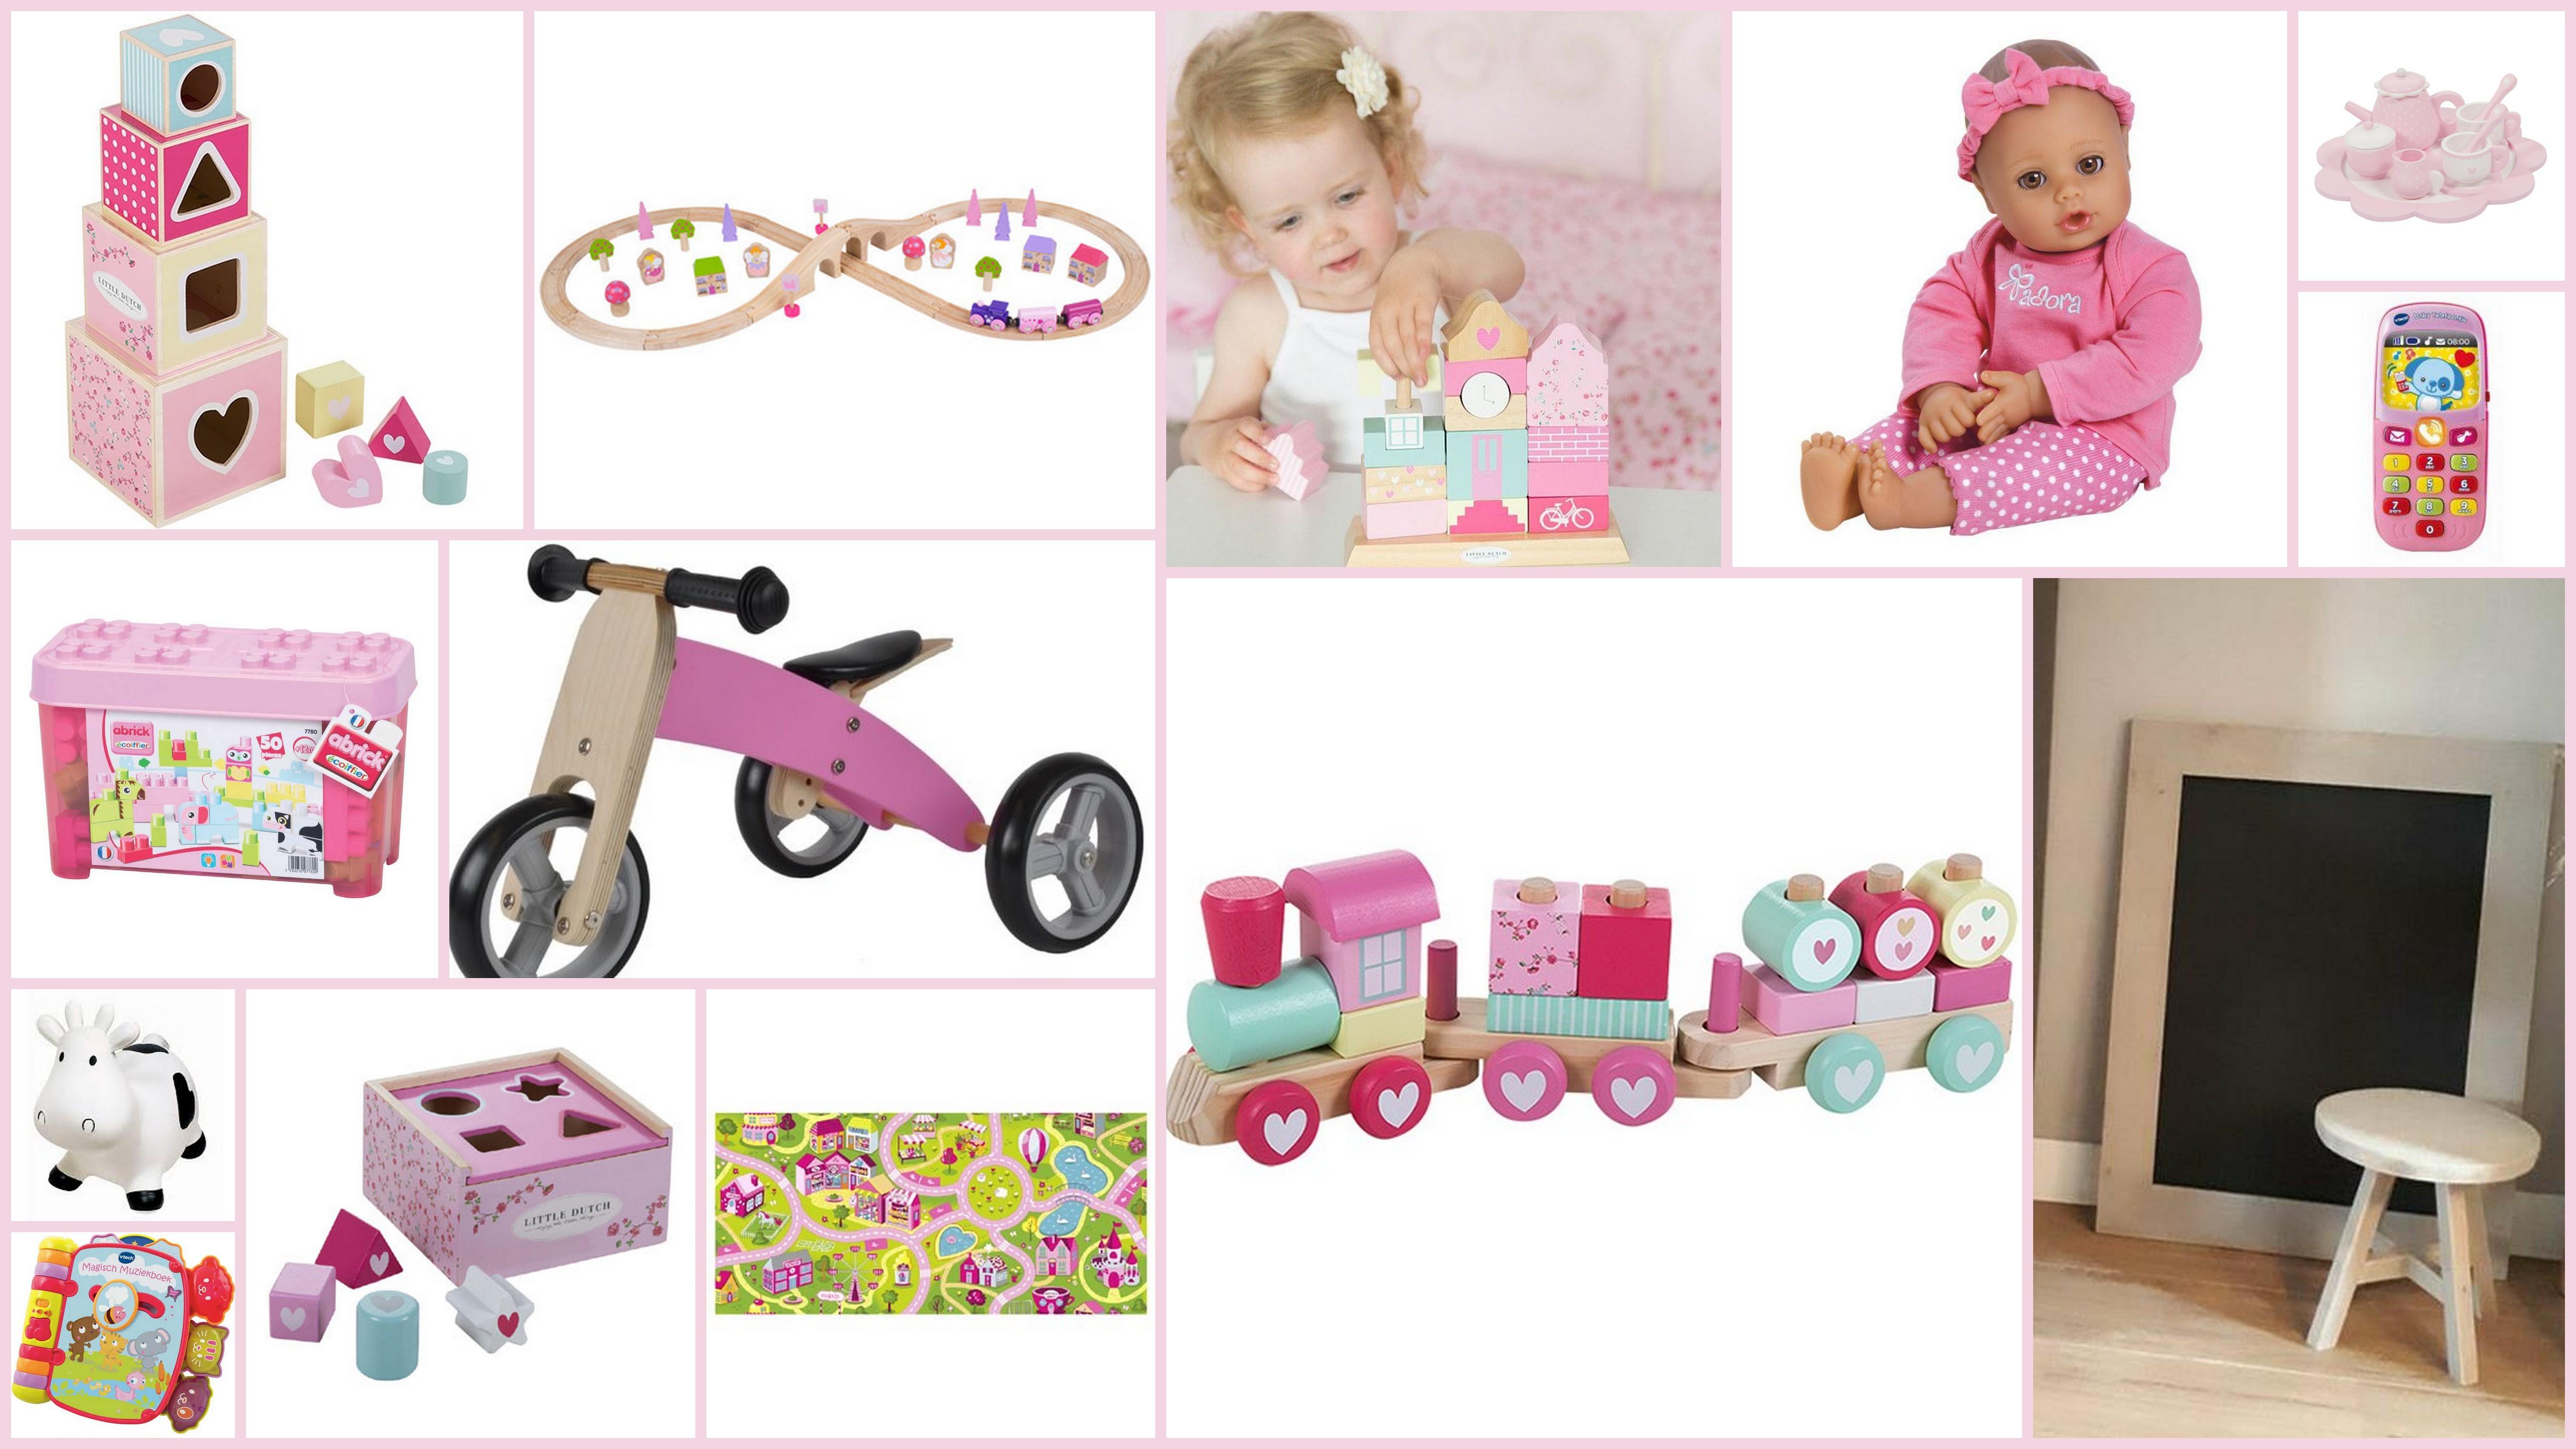 cadeau baby 1 jaar Baby 1 jaar, eerste verjaardag, cadeau, verlanglijstje   Mama van Dijk cadeau baby 1 jaar